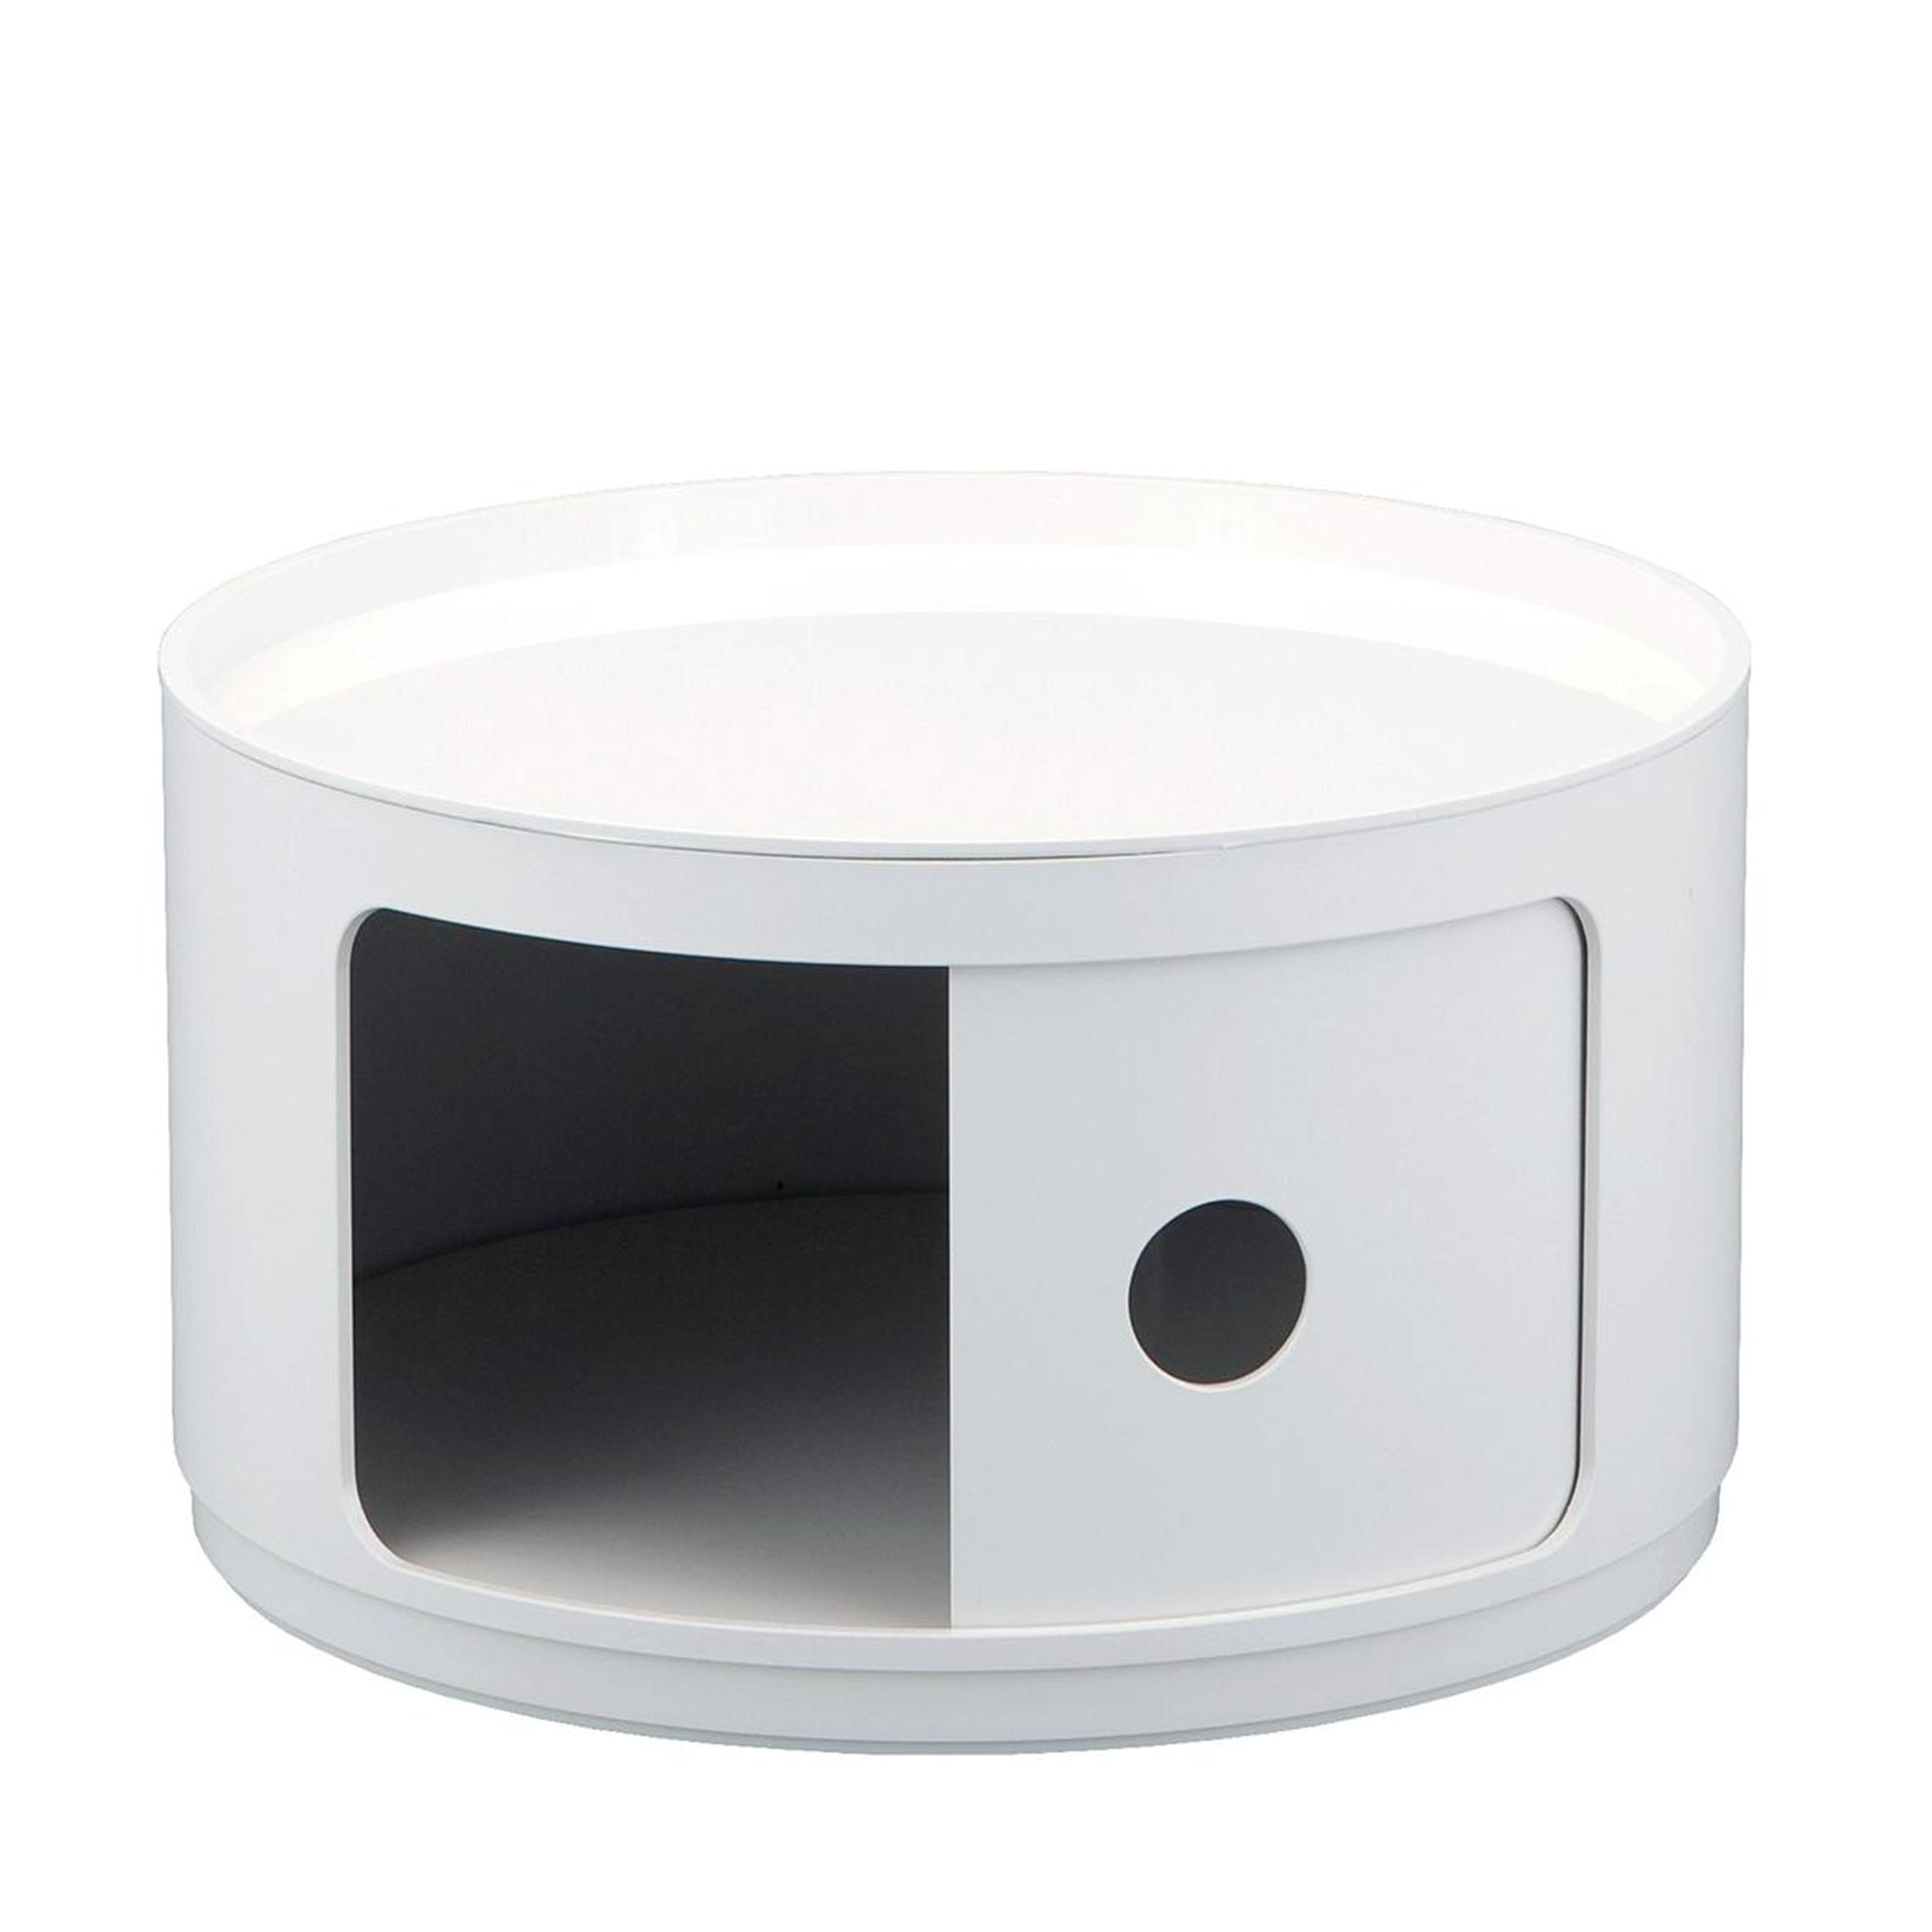 Componibili Containermöbel 1 Element